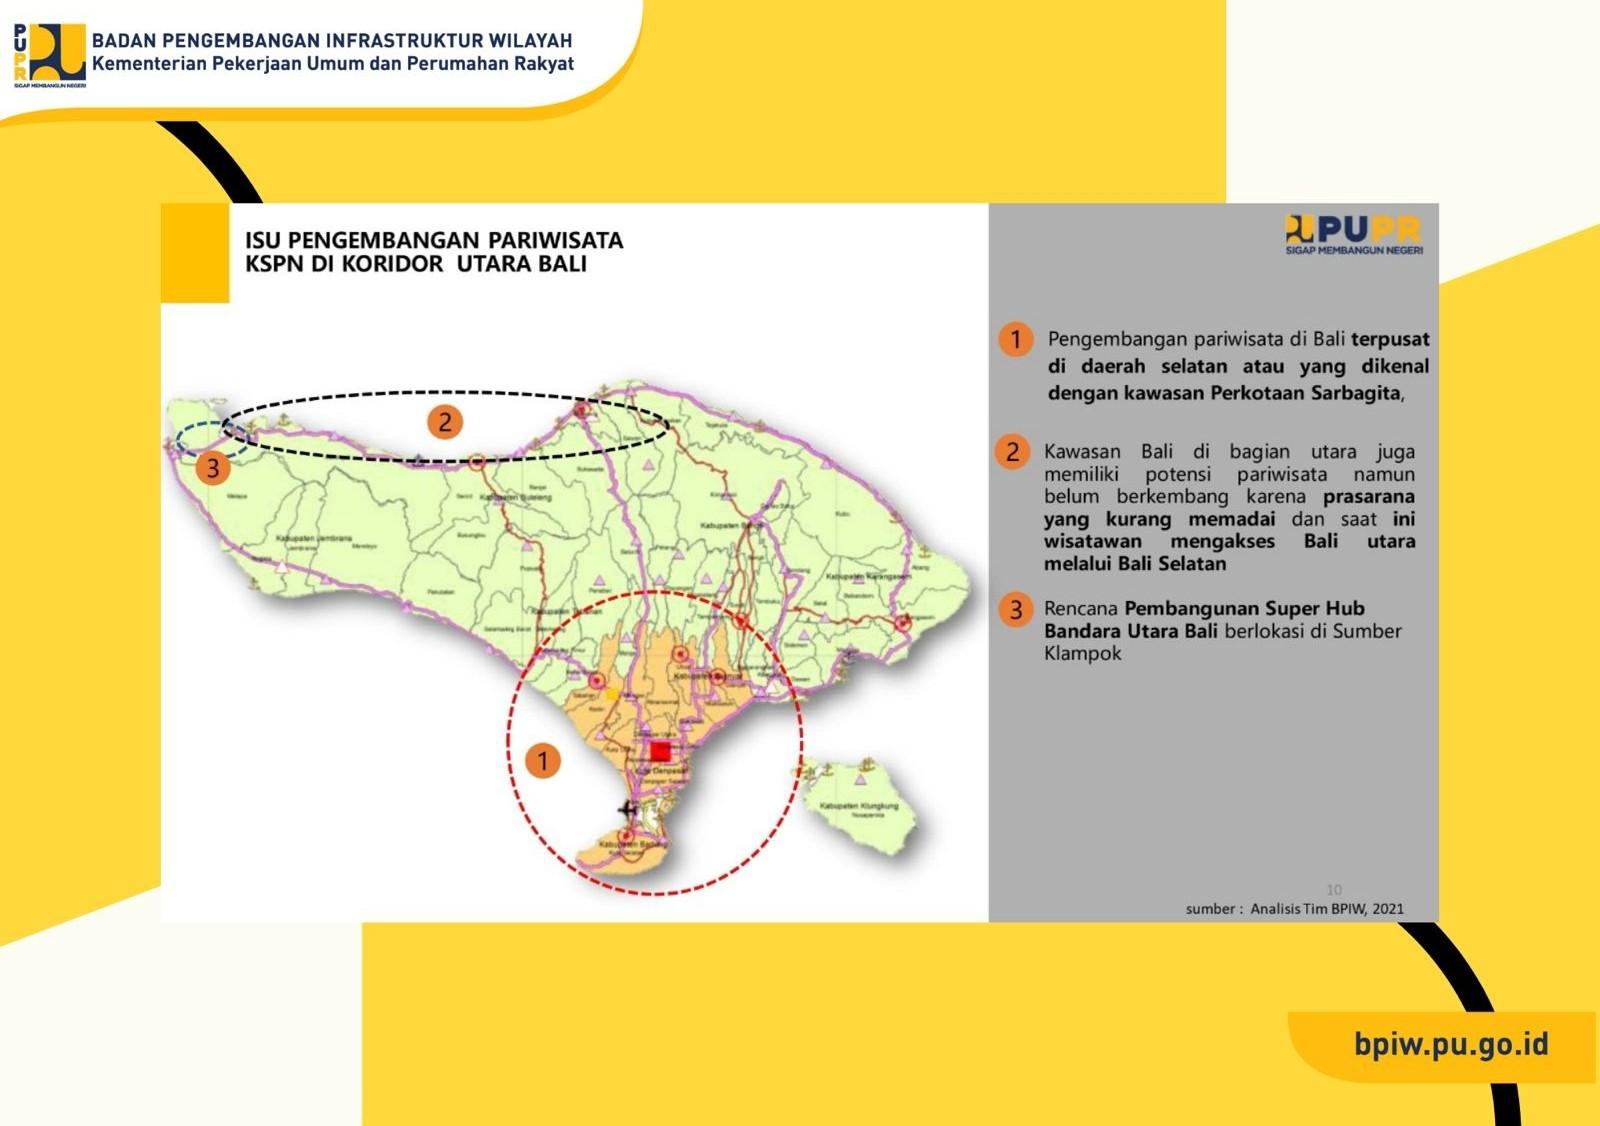 BPIW Dukung Pengembangan Metropolitan Sarbagita dan KSPN di Utara Bali